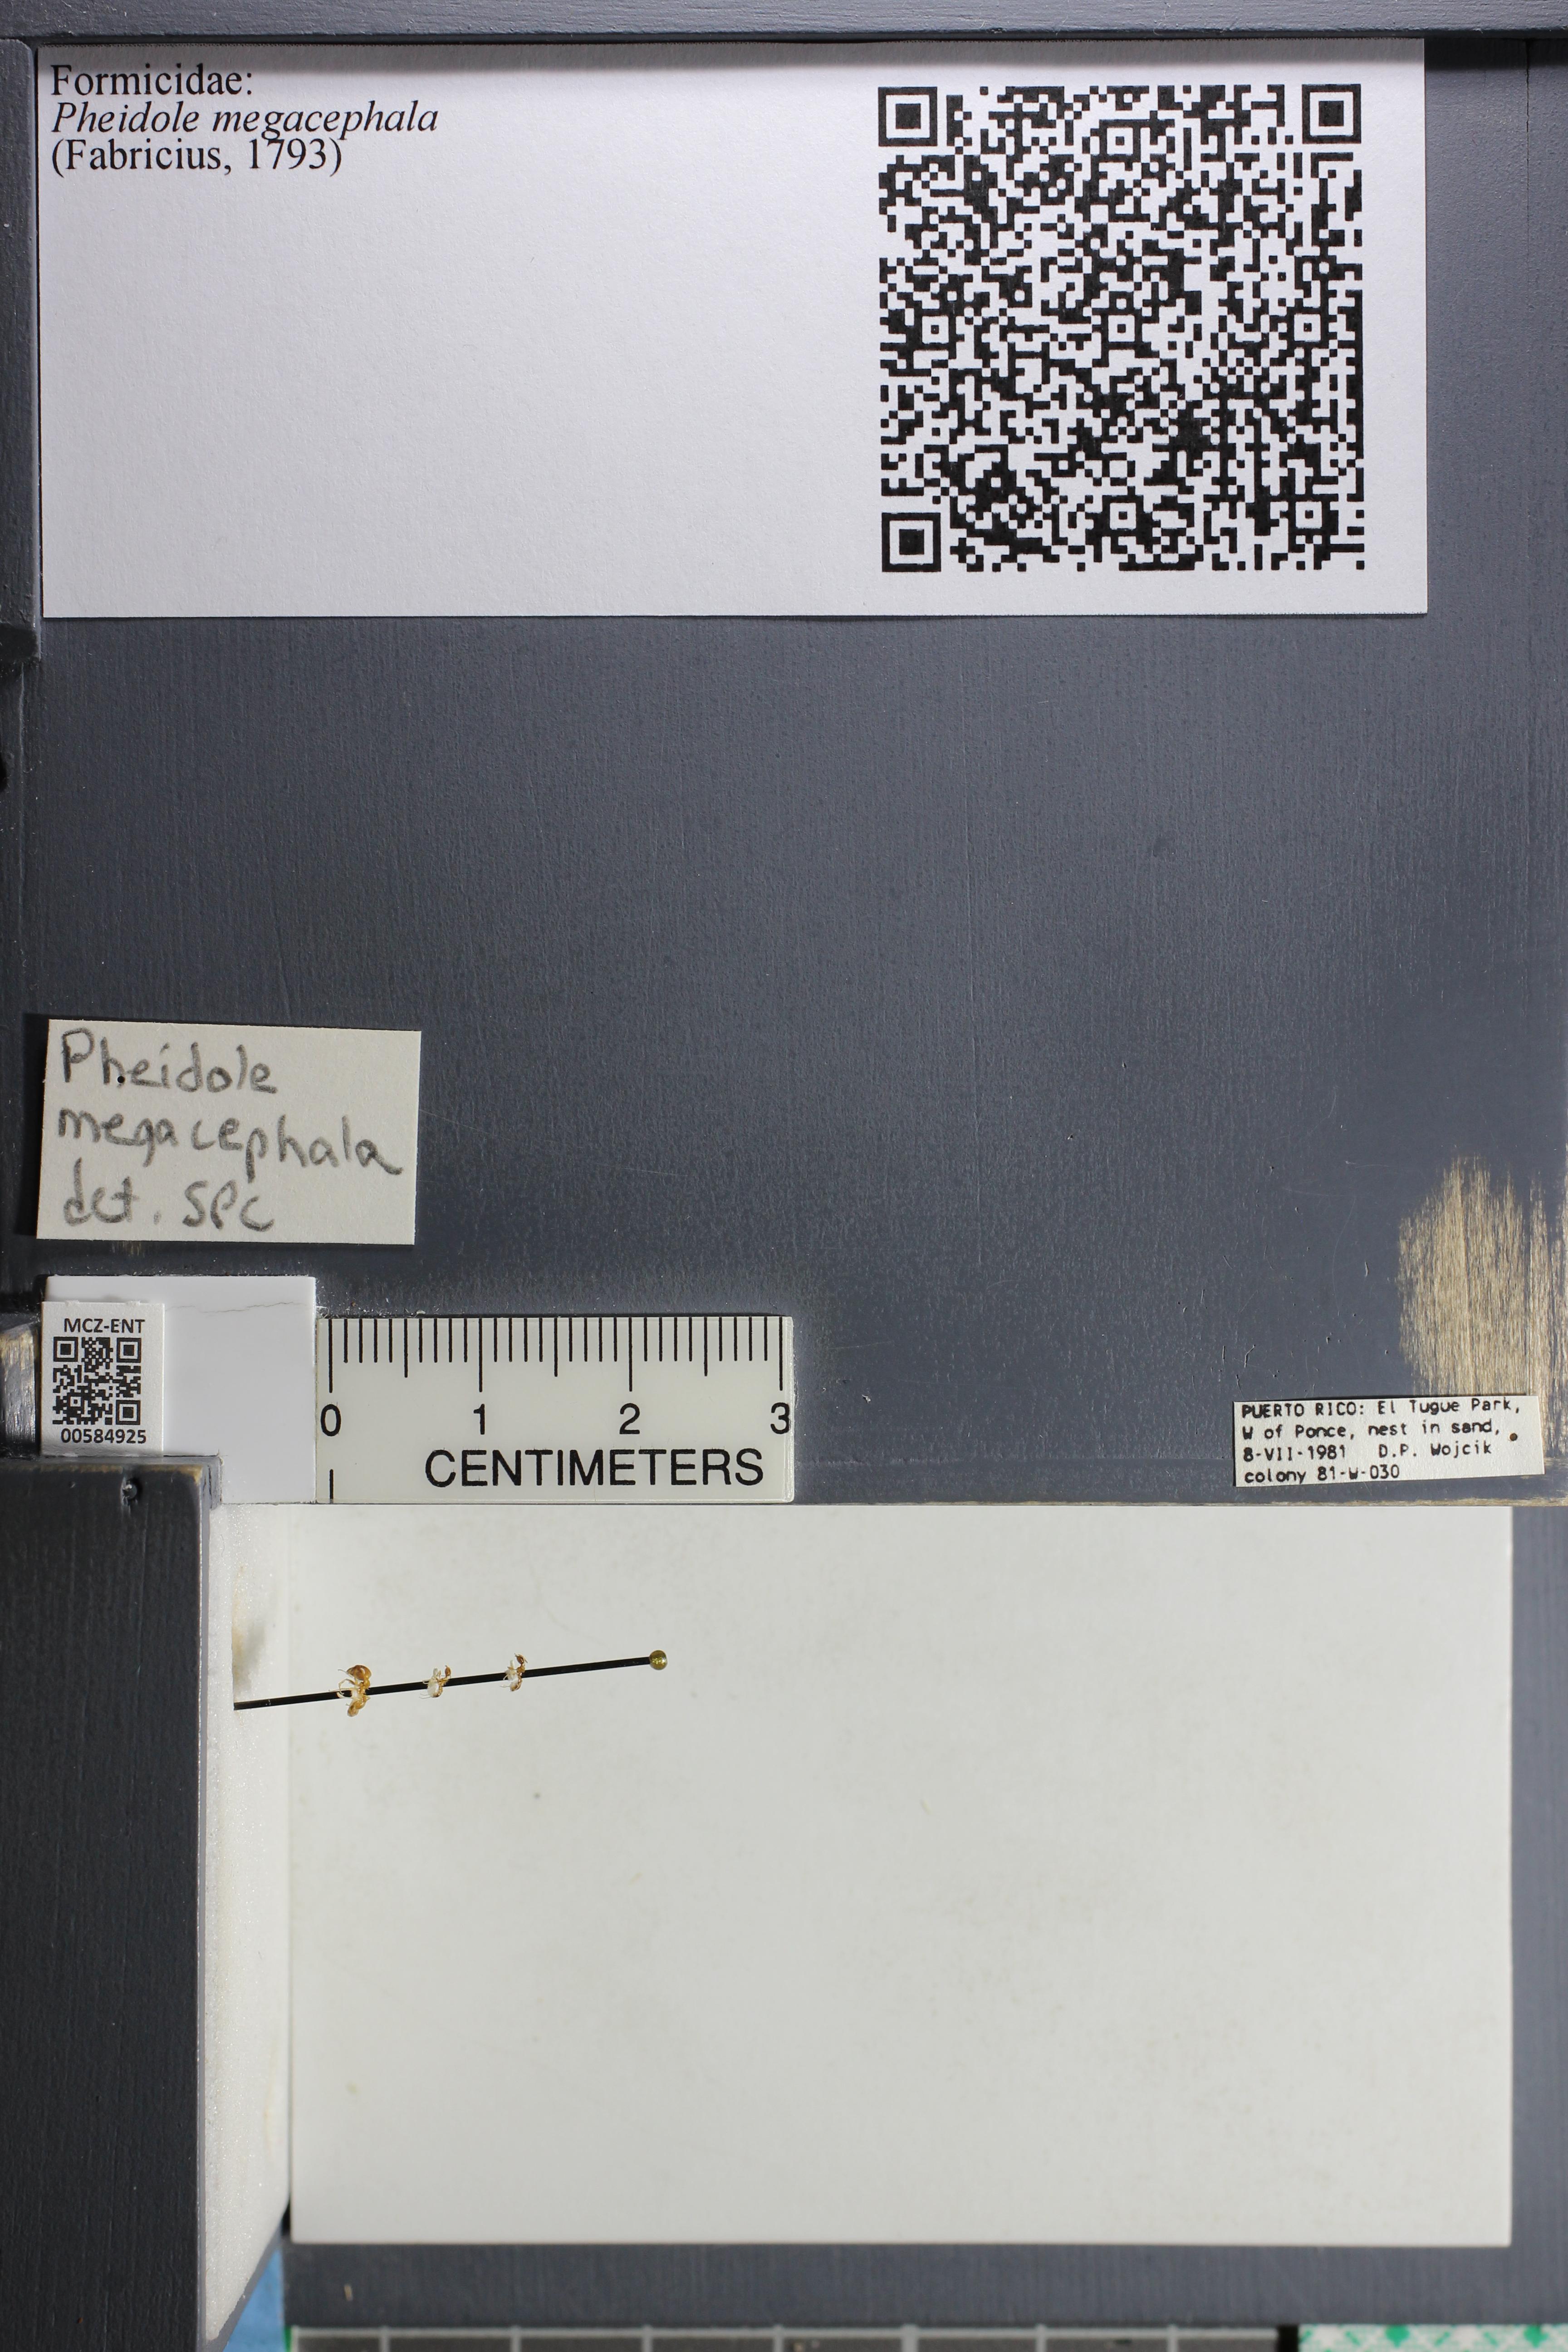 Media of type image, MCZ:Ent:584925 Identified as Pheidole megacephala.